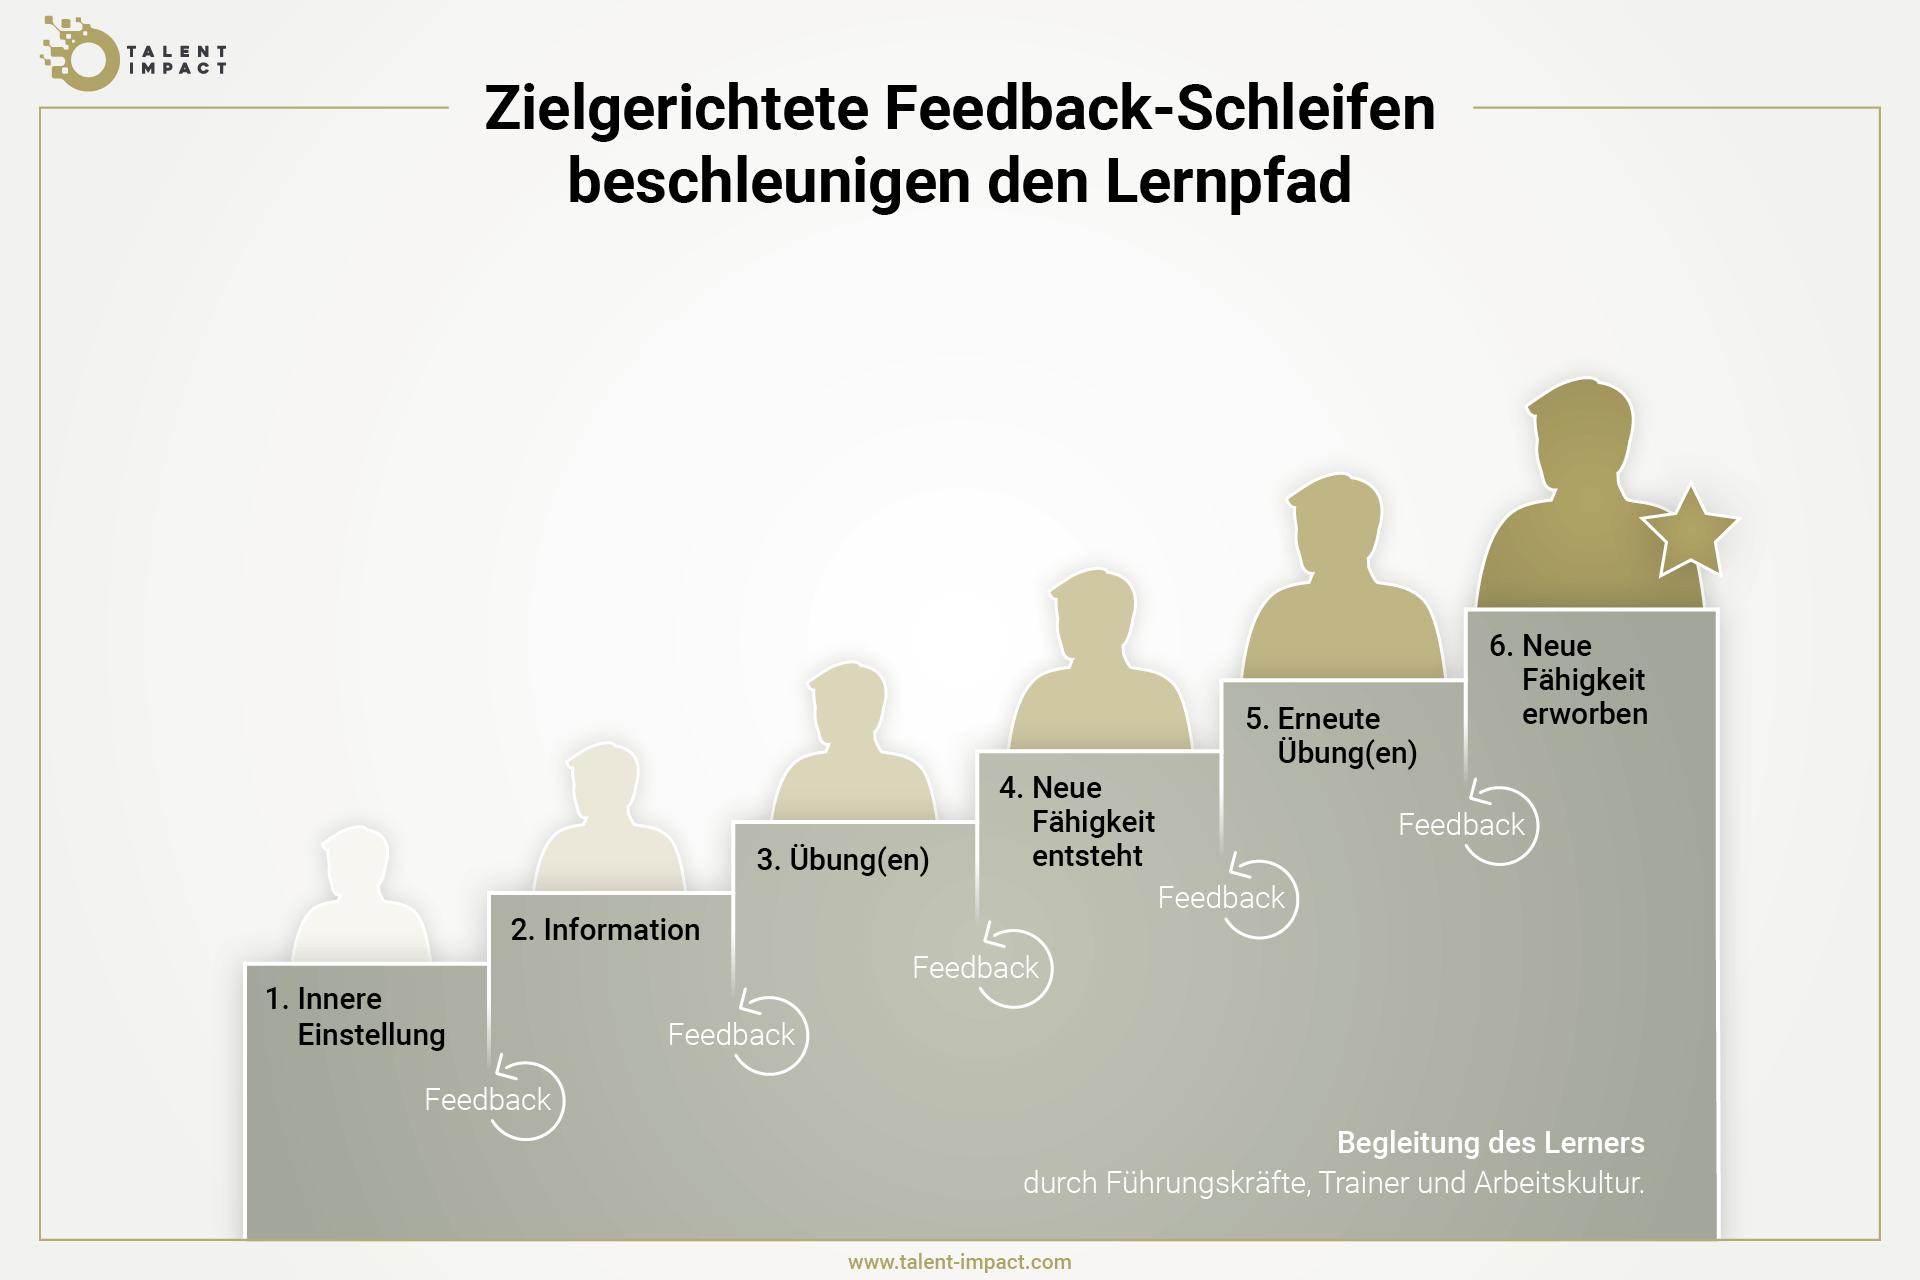 Grafik, die zeigt, wie man sich als Lerner auf seinem Lernpfad durch Feedback entwickeln kann und damit neue Verhaltensweise erlernt